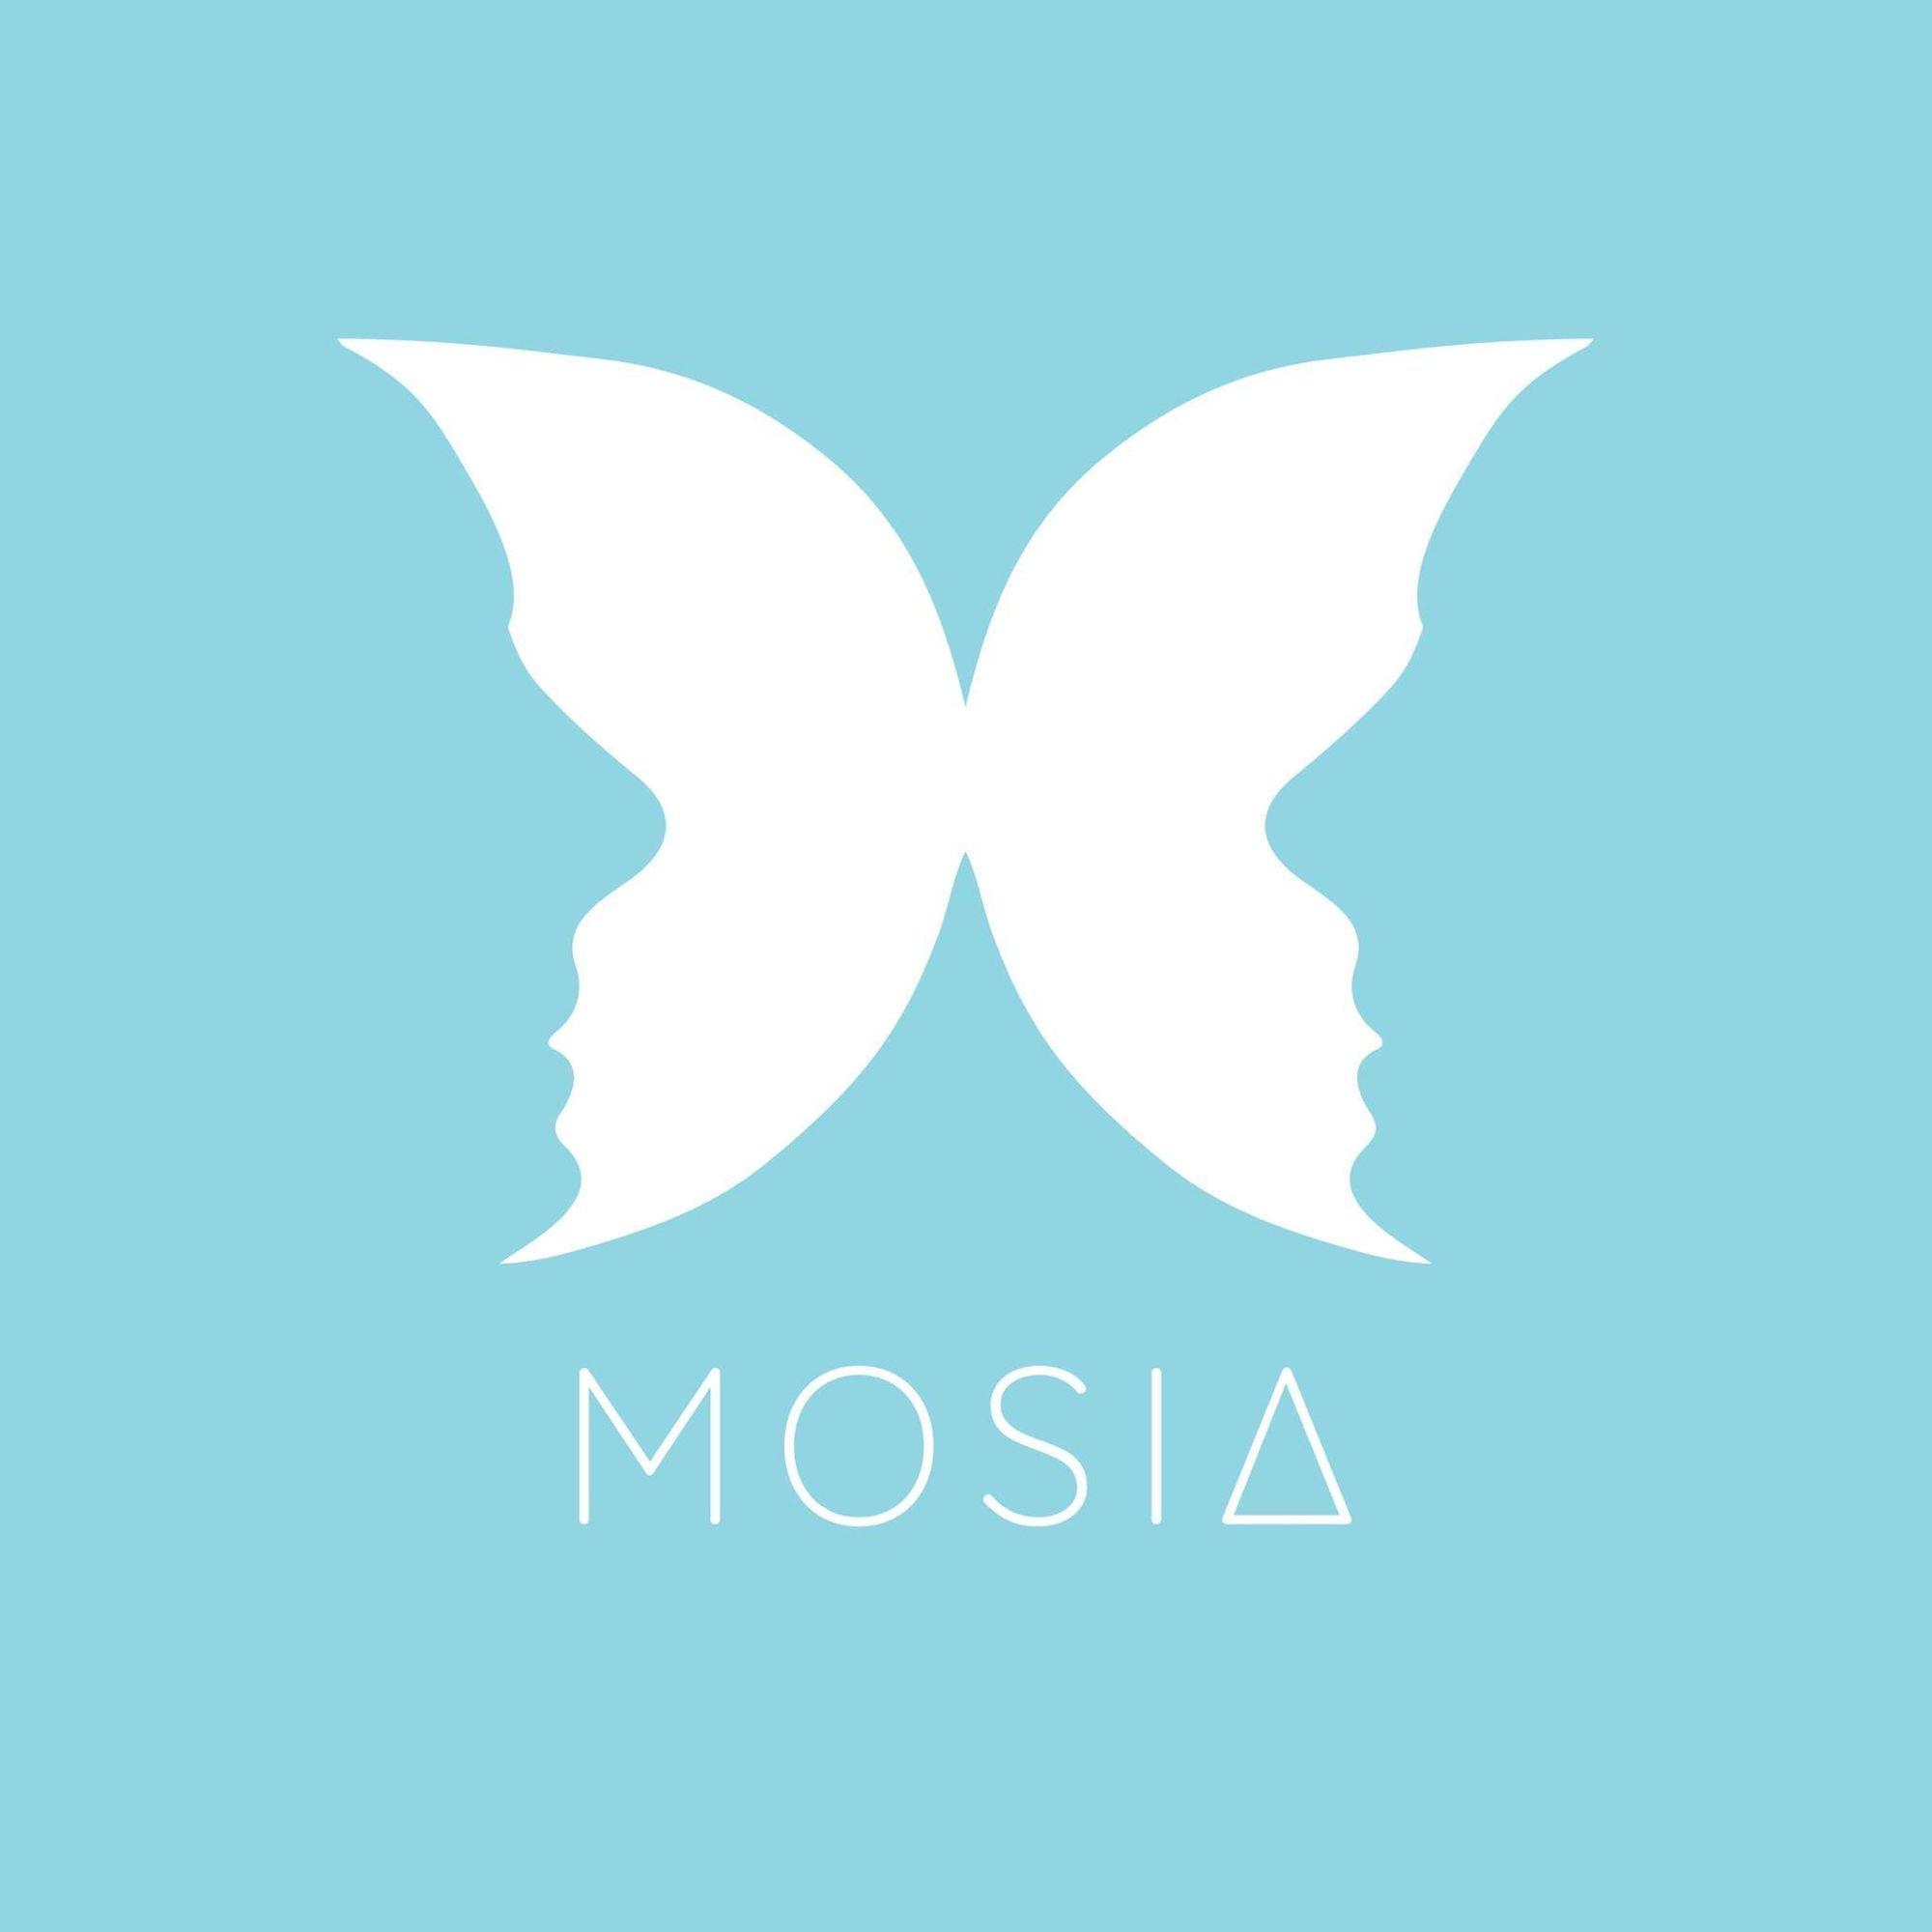 Mosia